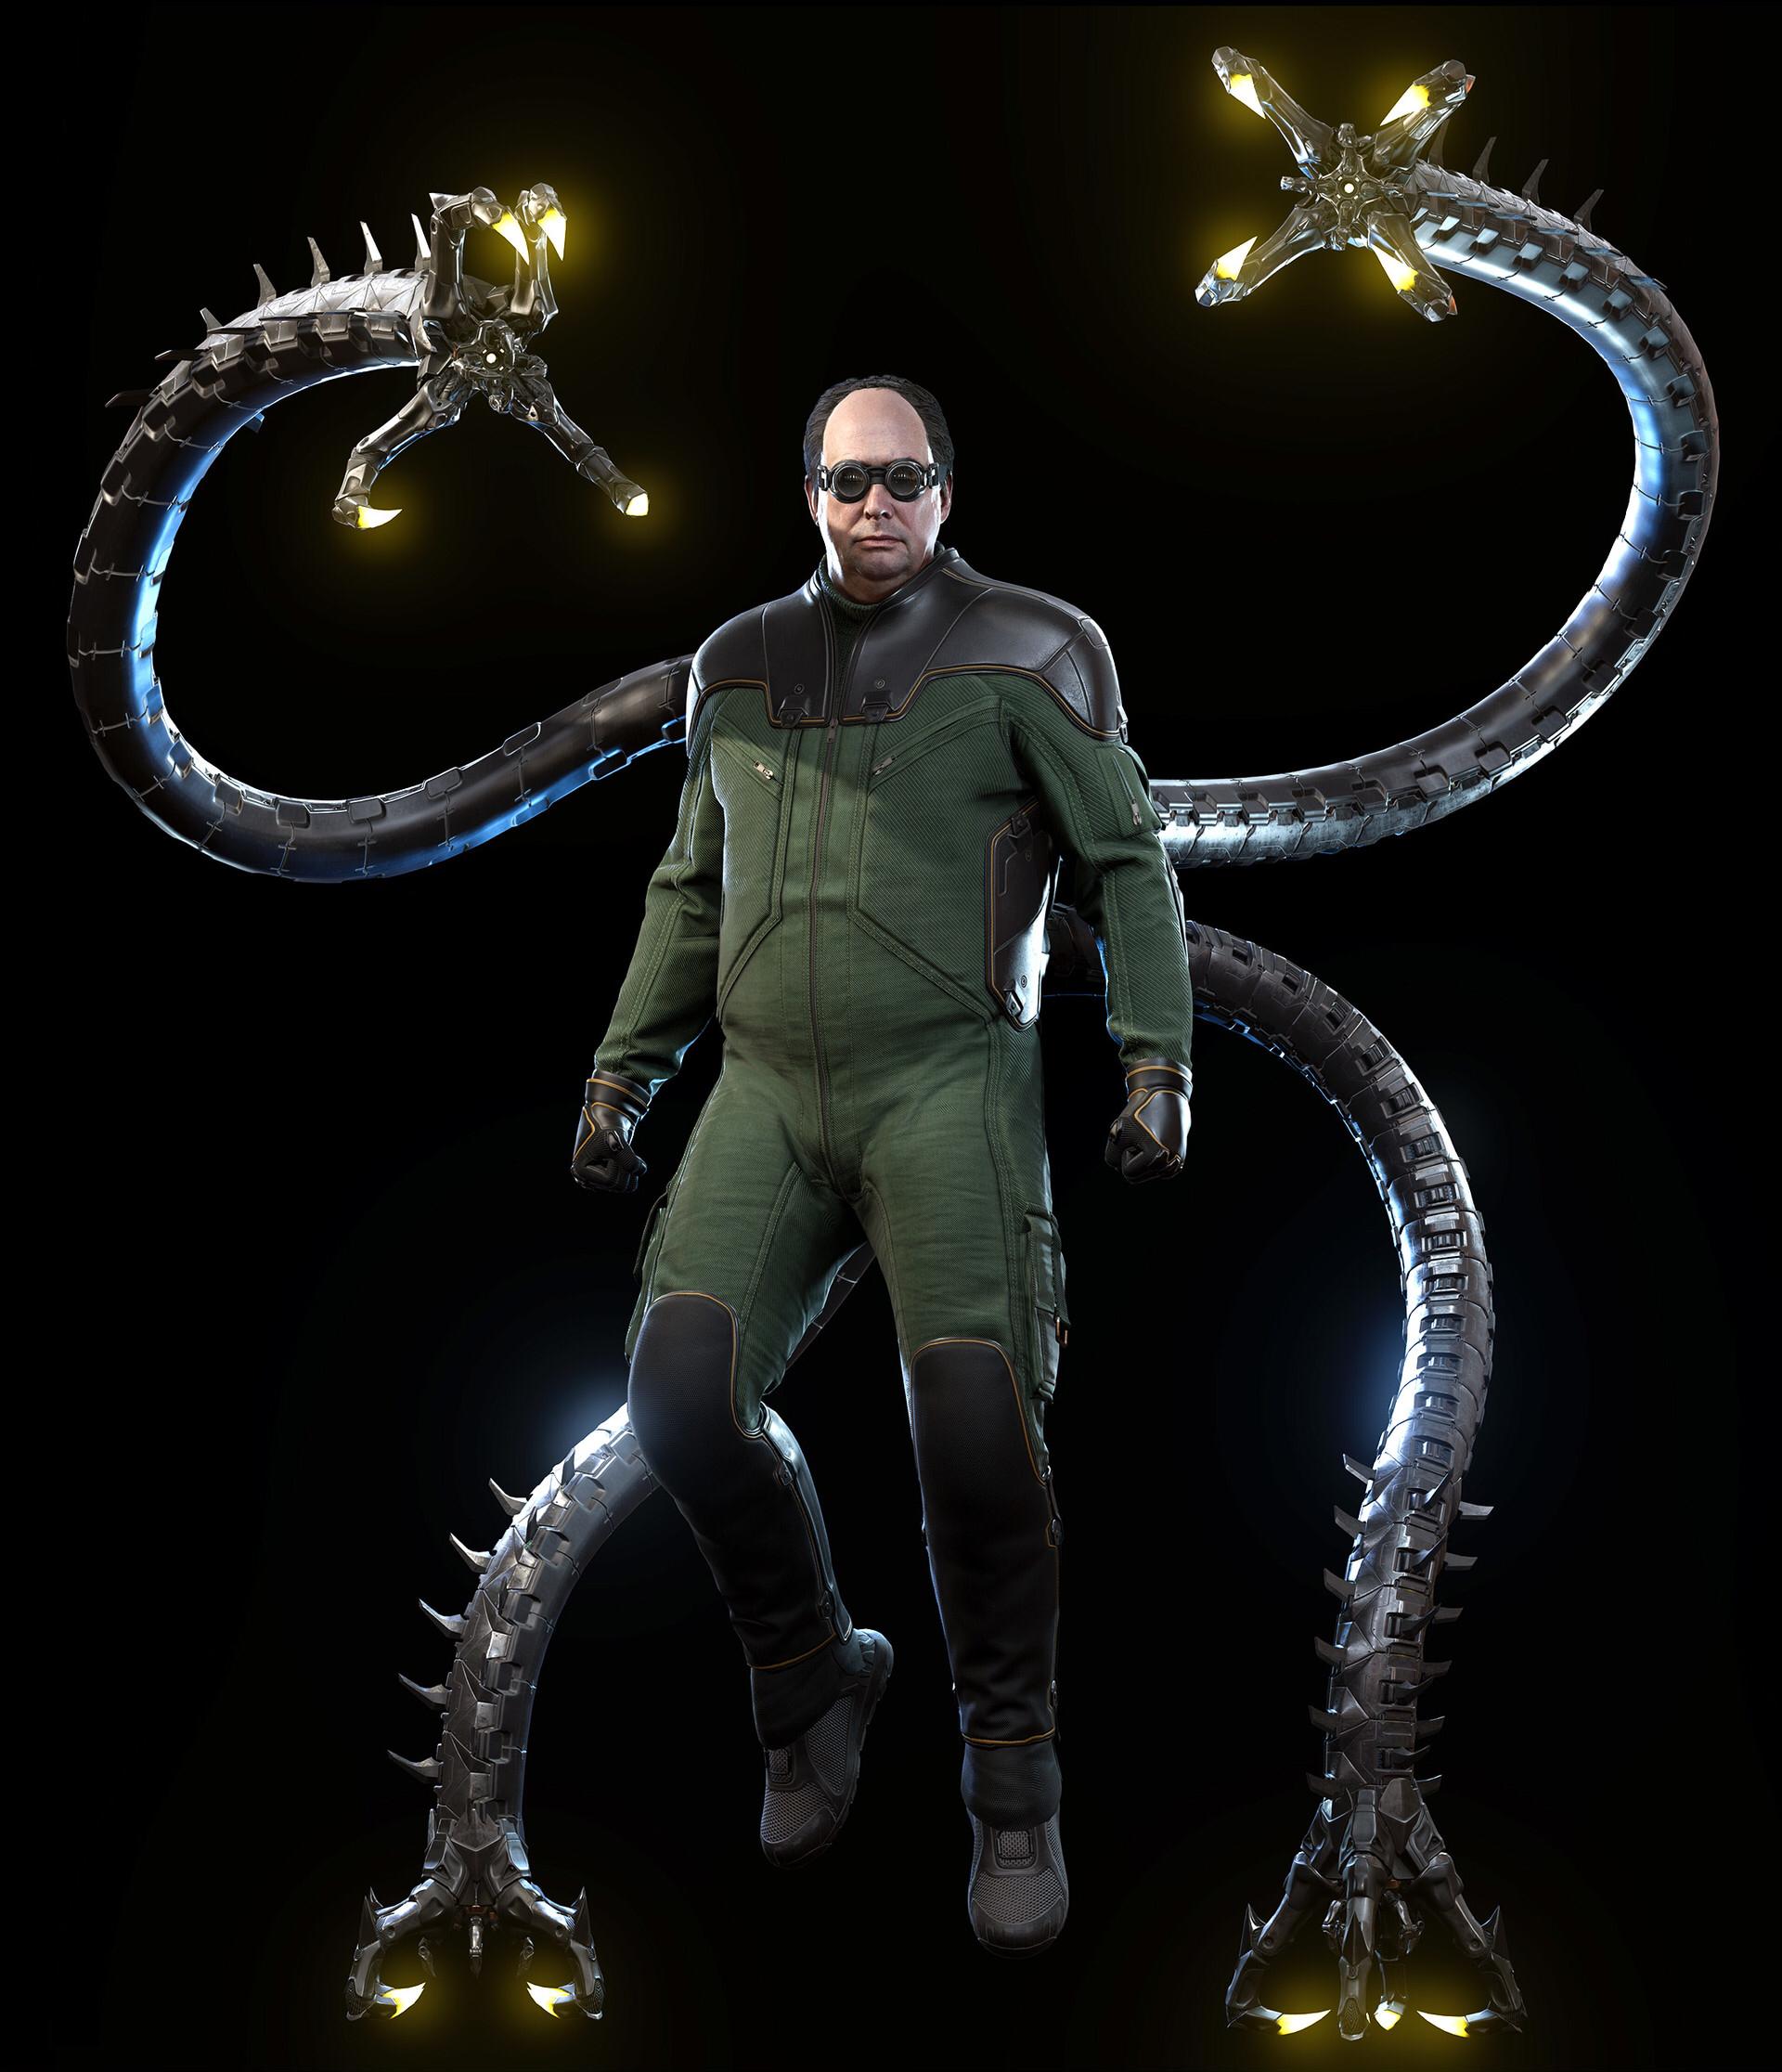 Doctor Octavius